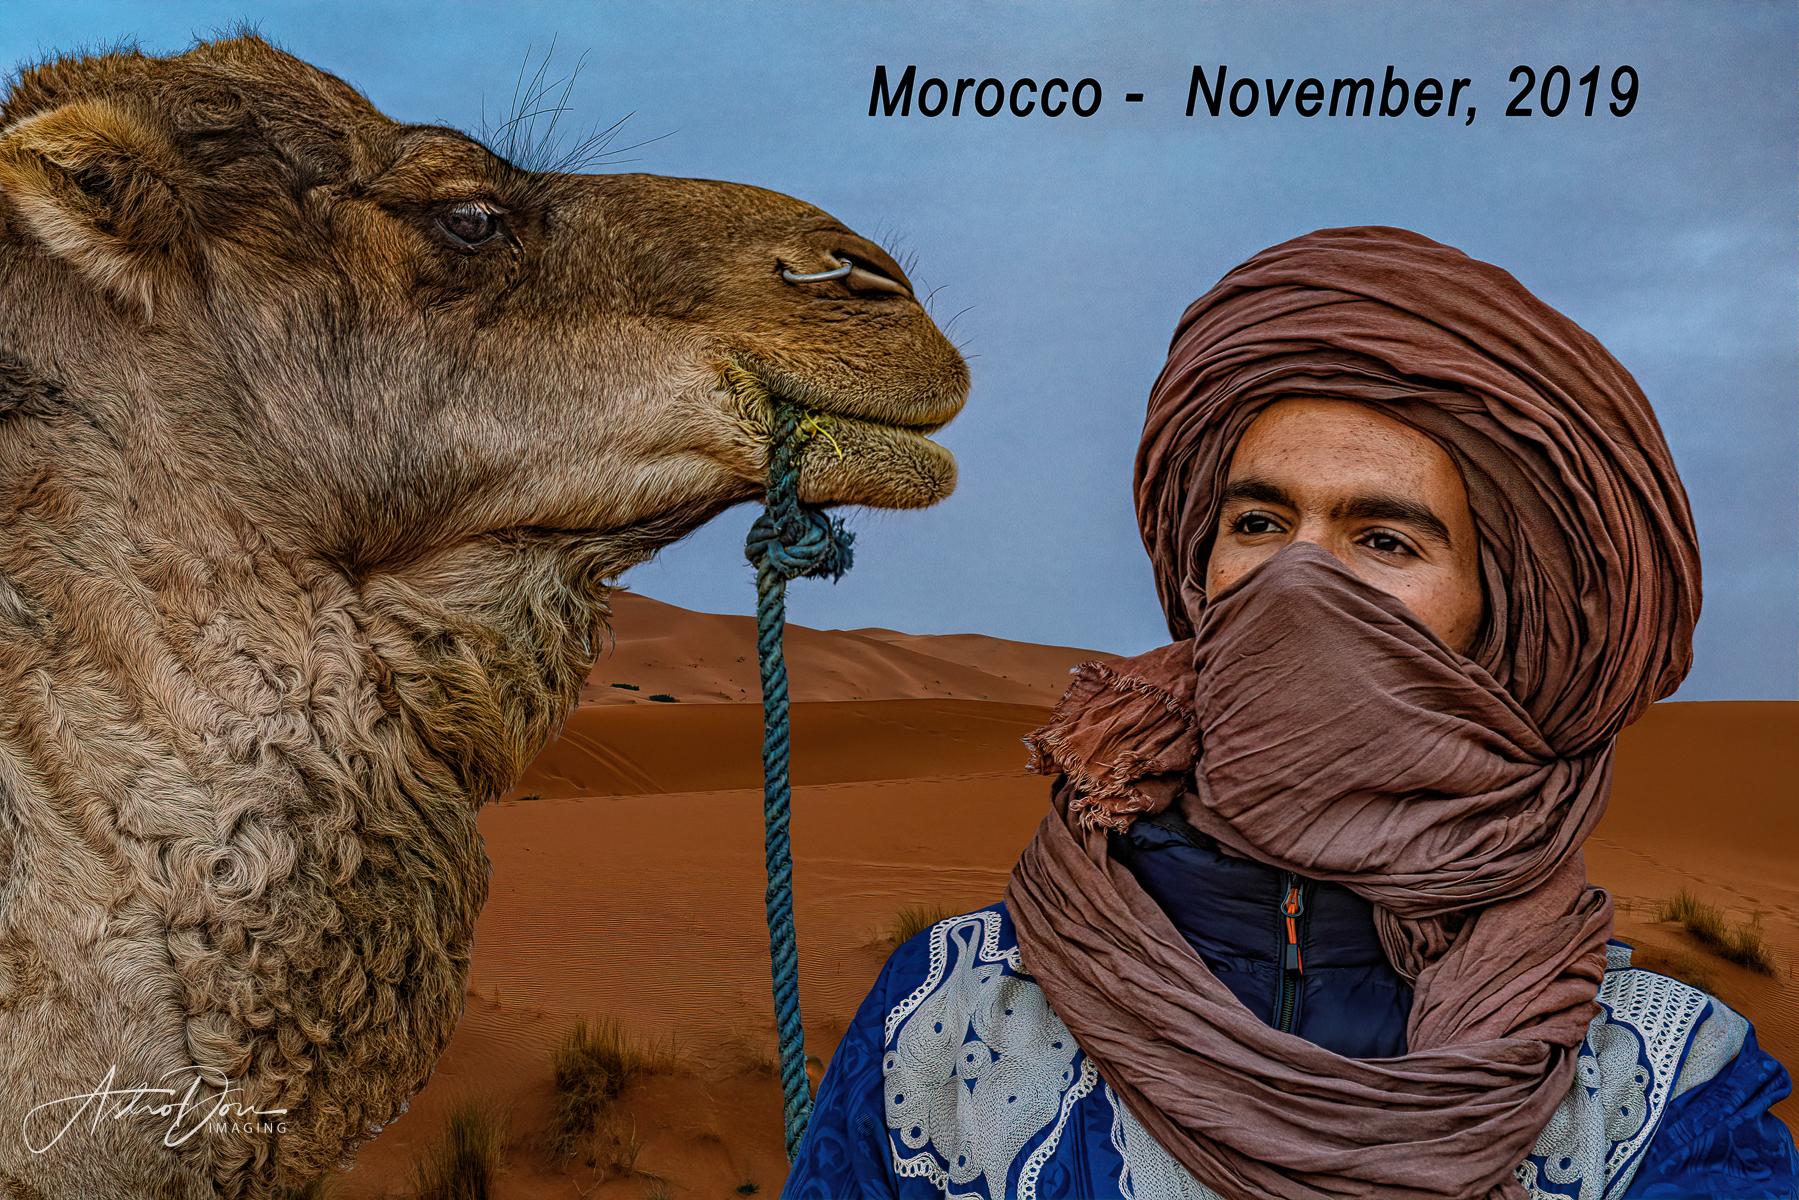 Morocco November 2019